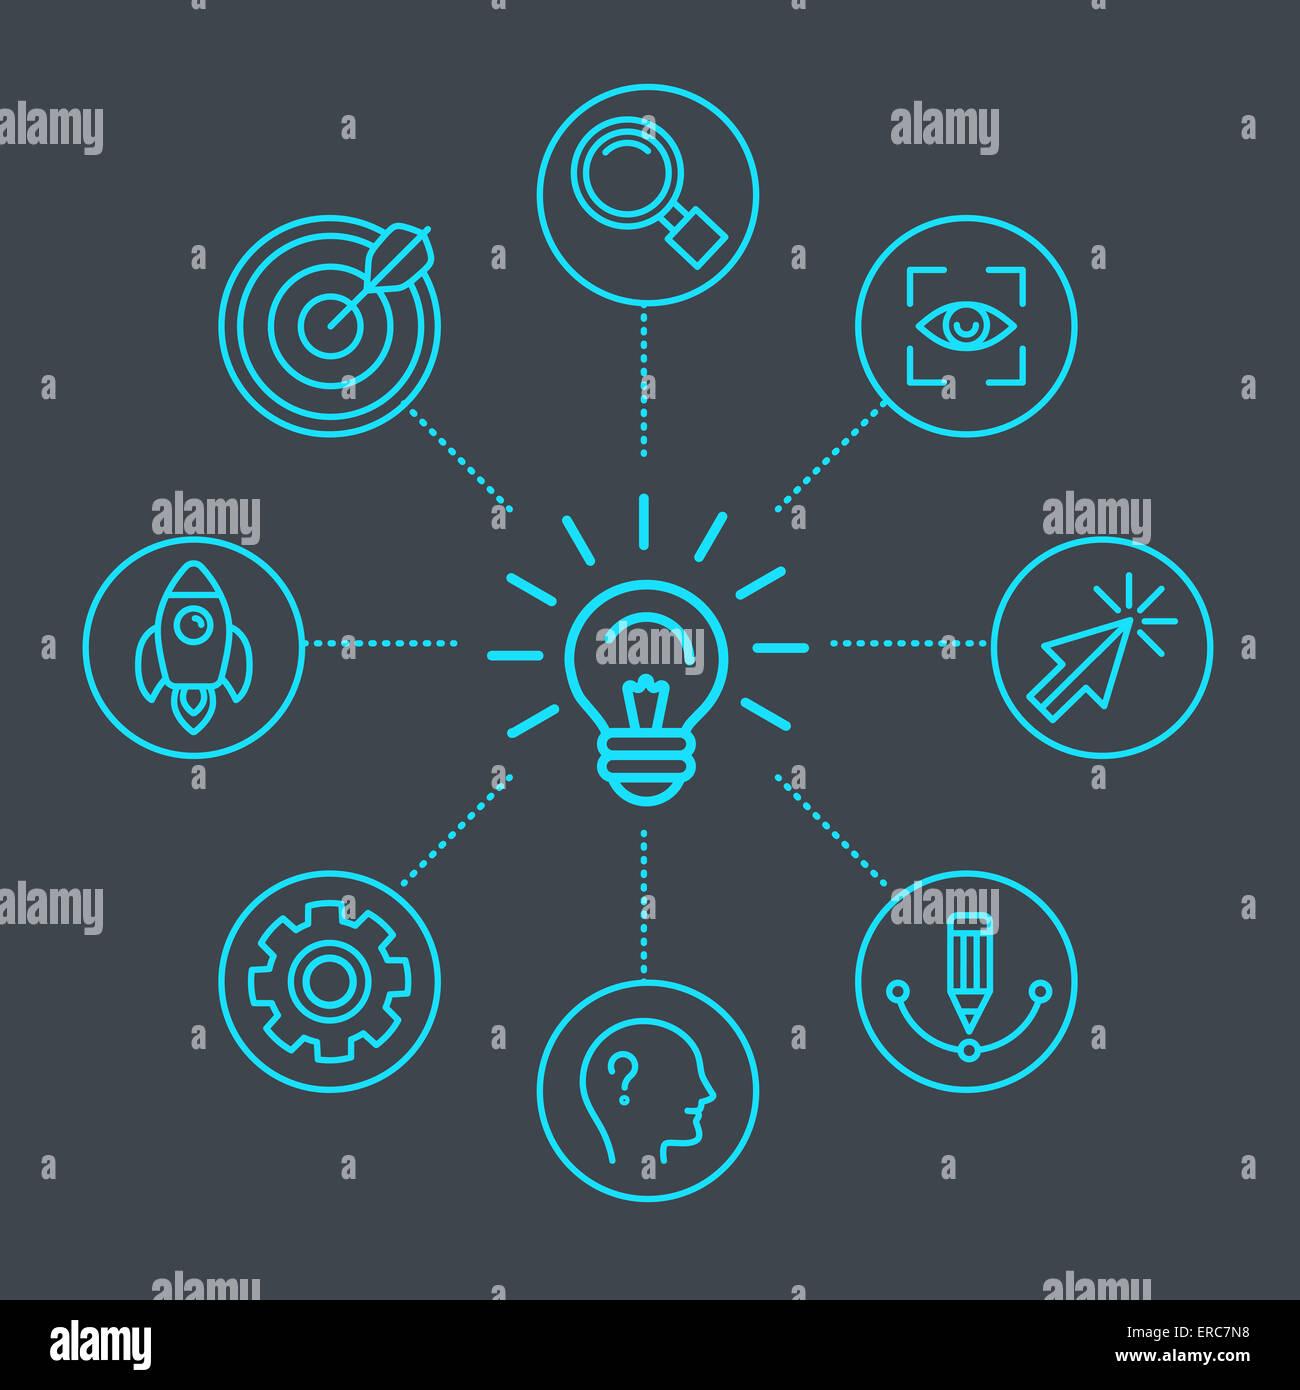 Il concetto di innovazione in stile lineare - lampadina infgraphics e gli elementi di design e le icone Immagini Stock